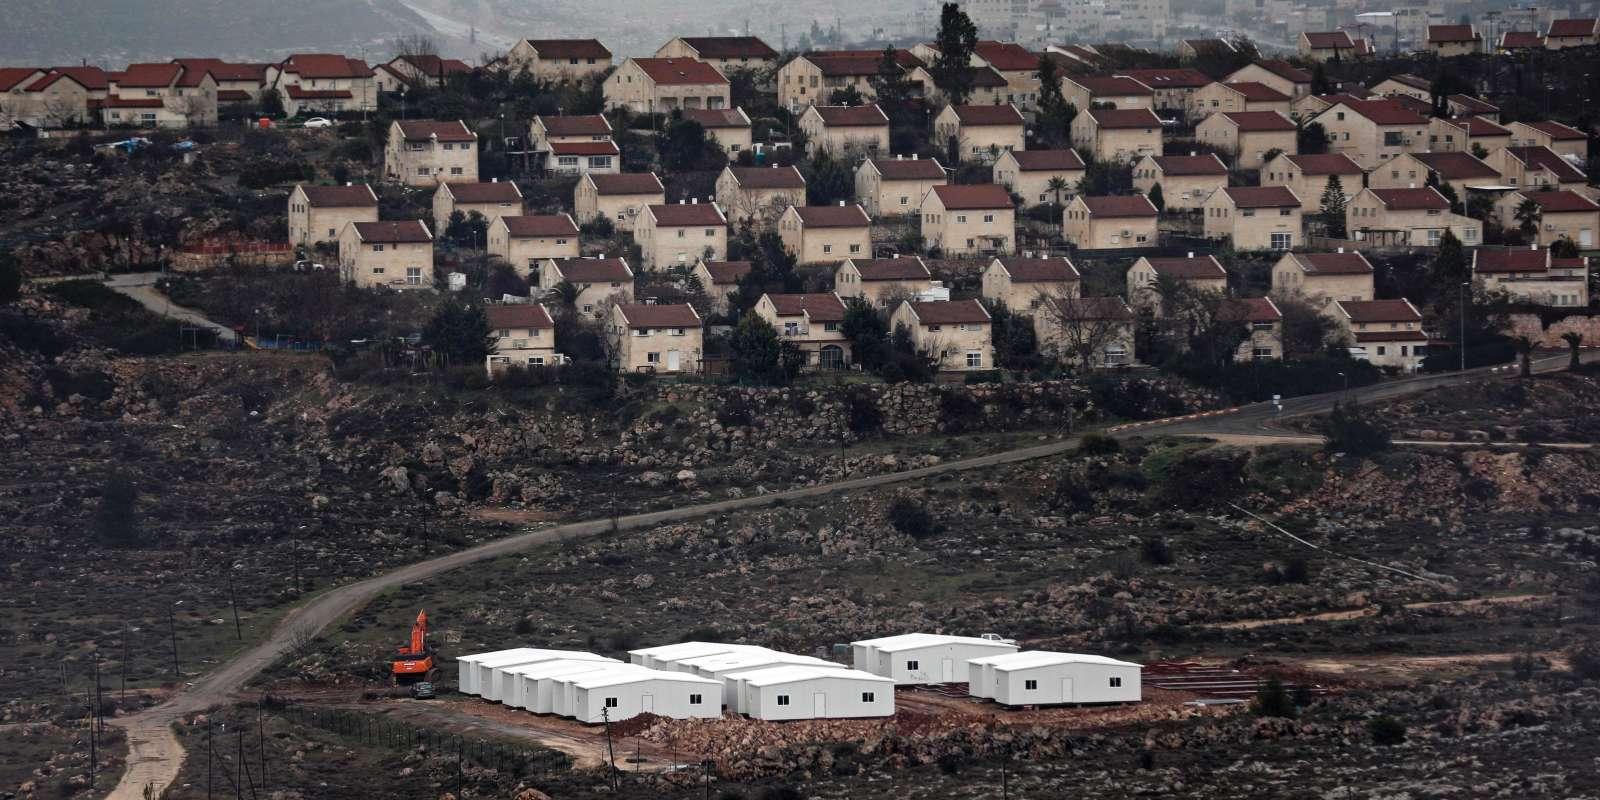 La Knesset a voté d'une loiautorisantl'Etat israélien à s'approprier des terrains privés palestiniens sur lesquels des Israéliens ont construit sans autorisation en Cisjordanie.